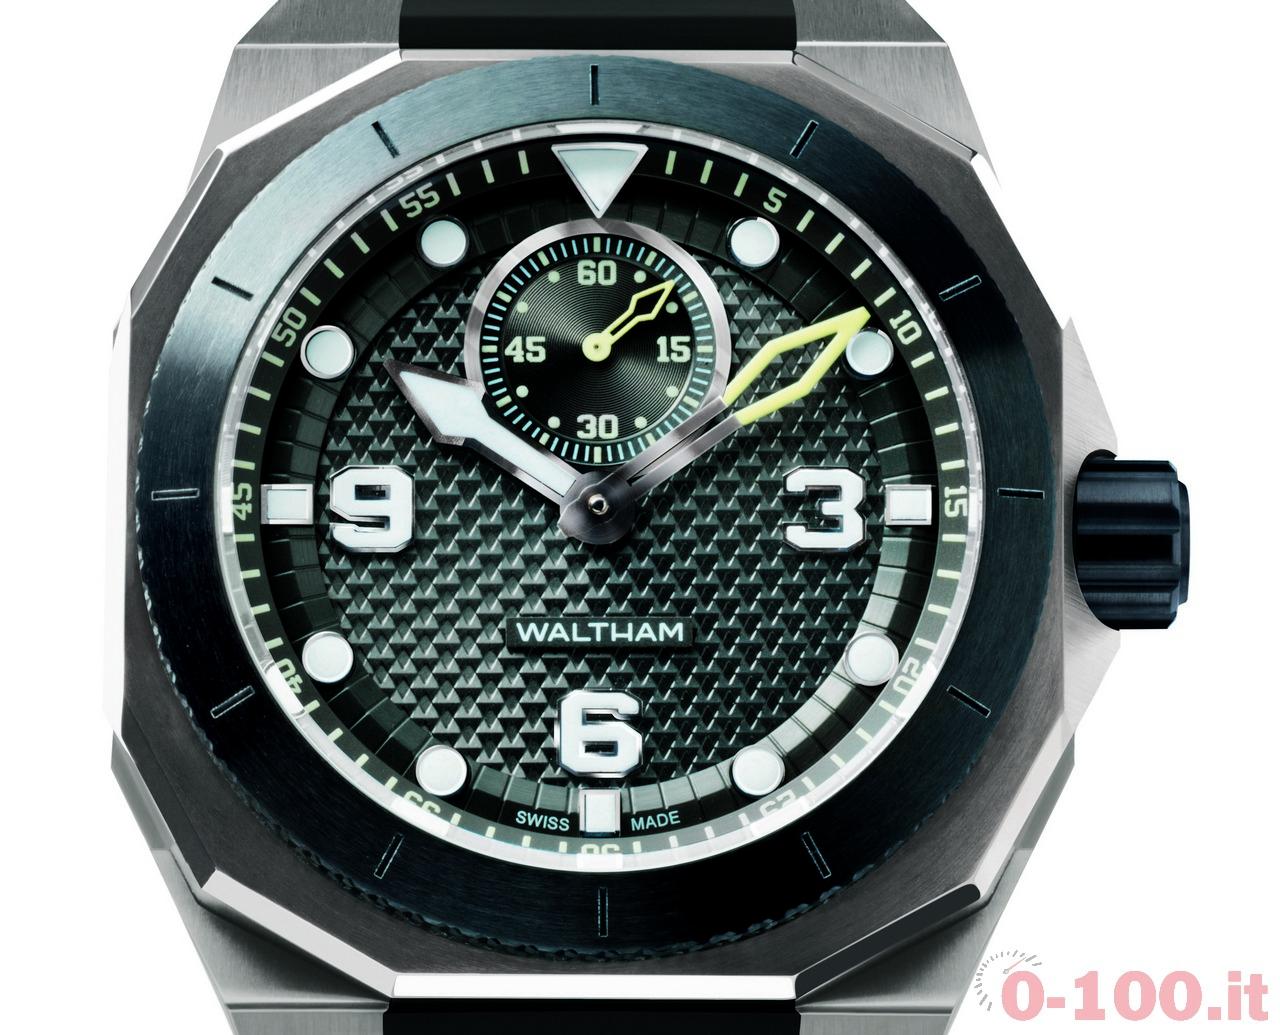 waltham-collezione-aeronavale-waltham-xa-prezzo-price-0-100_2